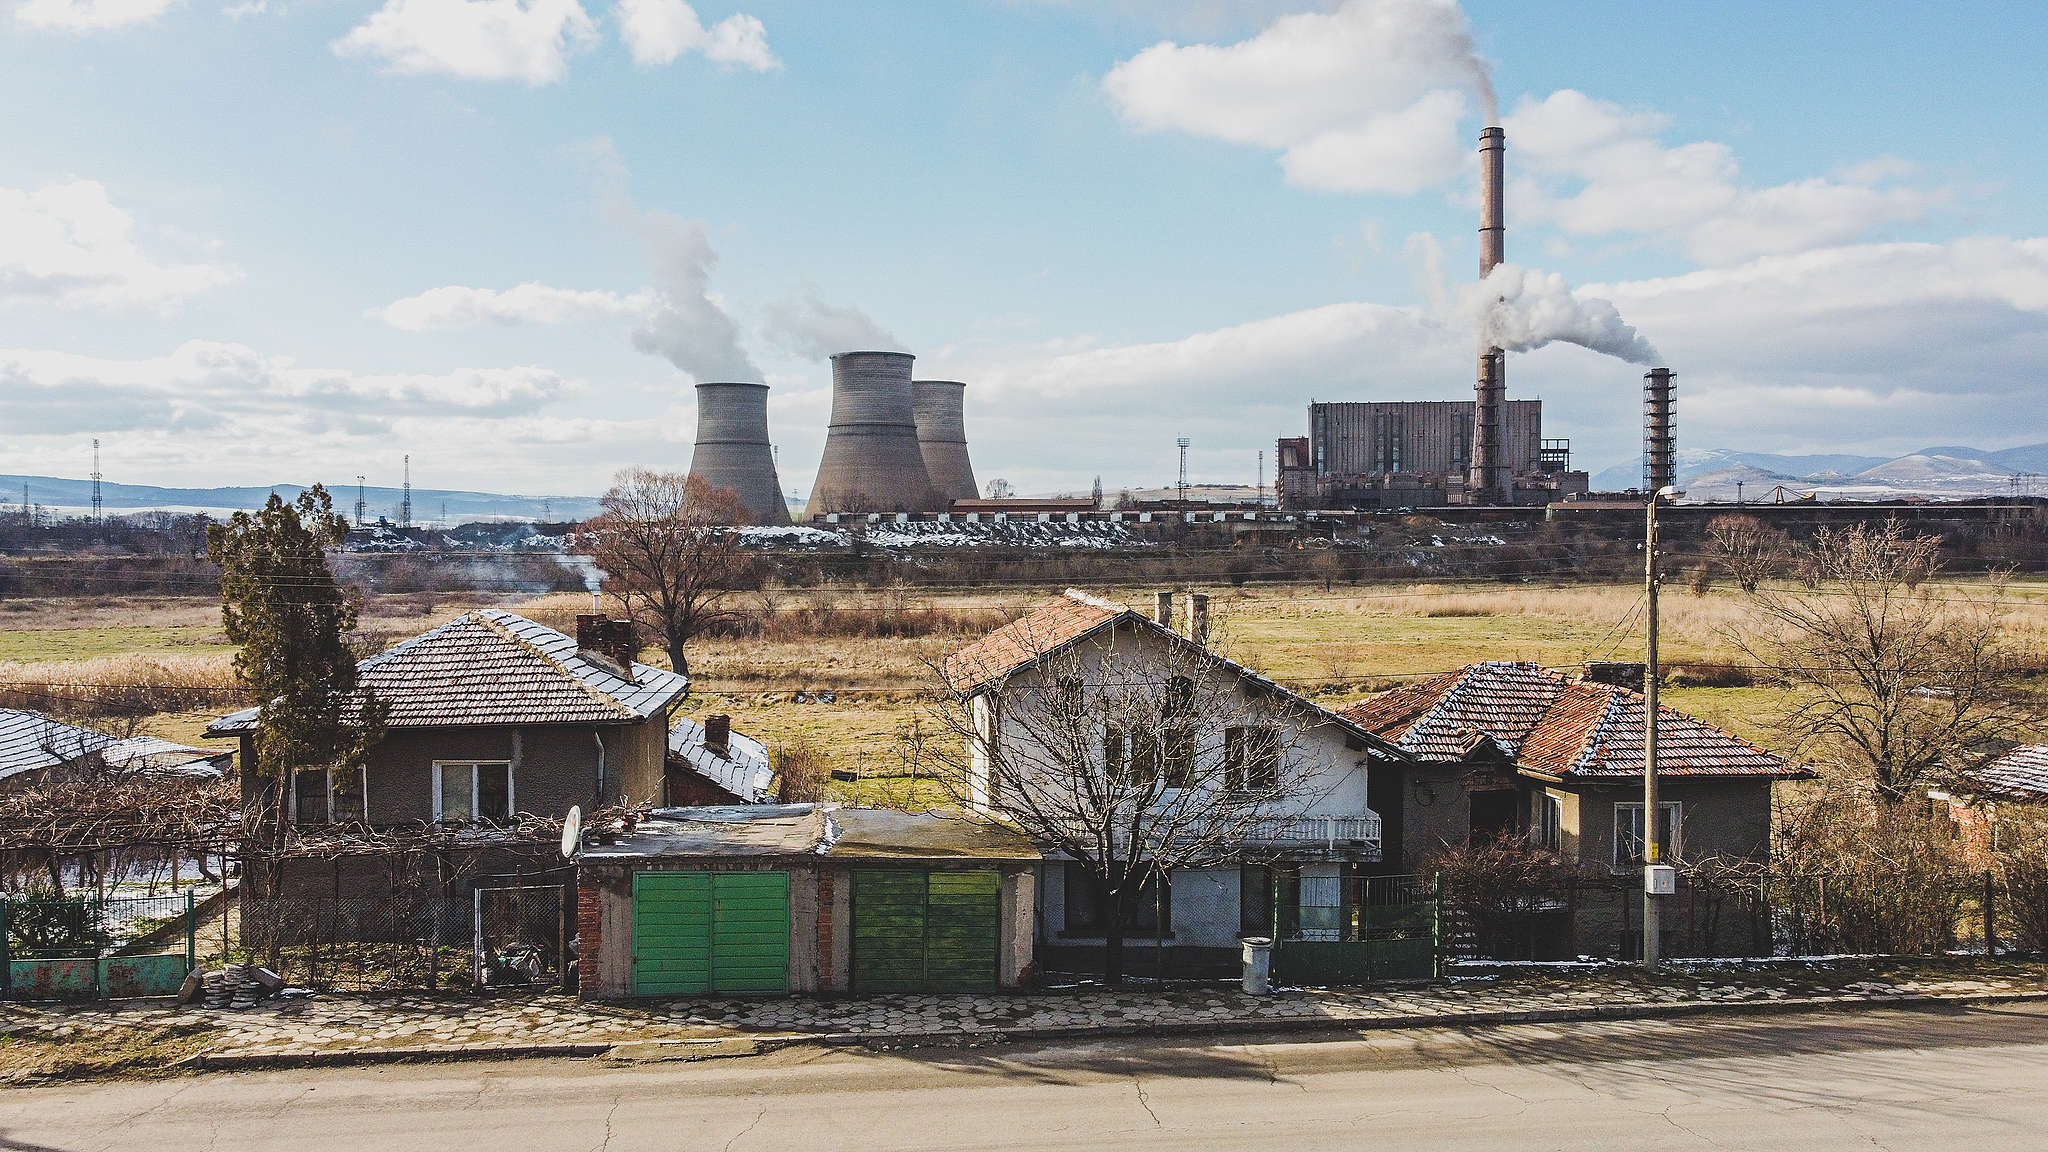 """ТЕЦ """"Бобов дол"""" изпуска непречистен емисии (от високия комин) по време на разпалване на инсталацията, въздушна снимка близо до къщи в Големо село, януари 2021 г."""